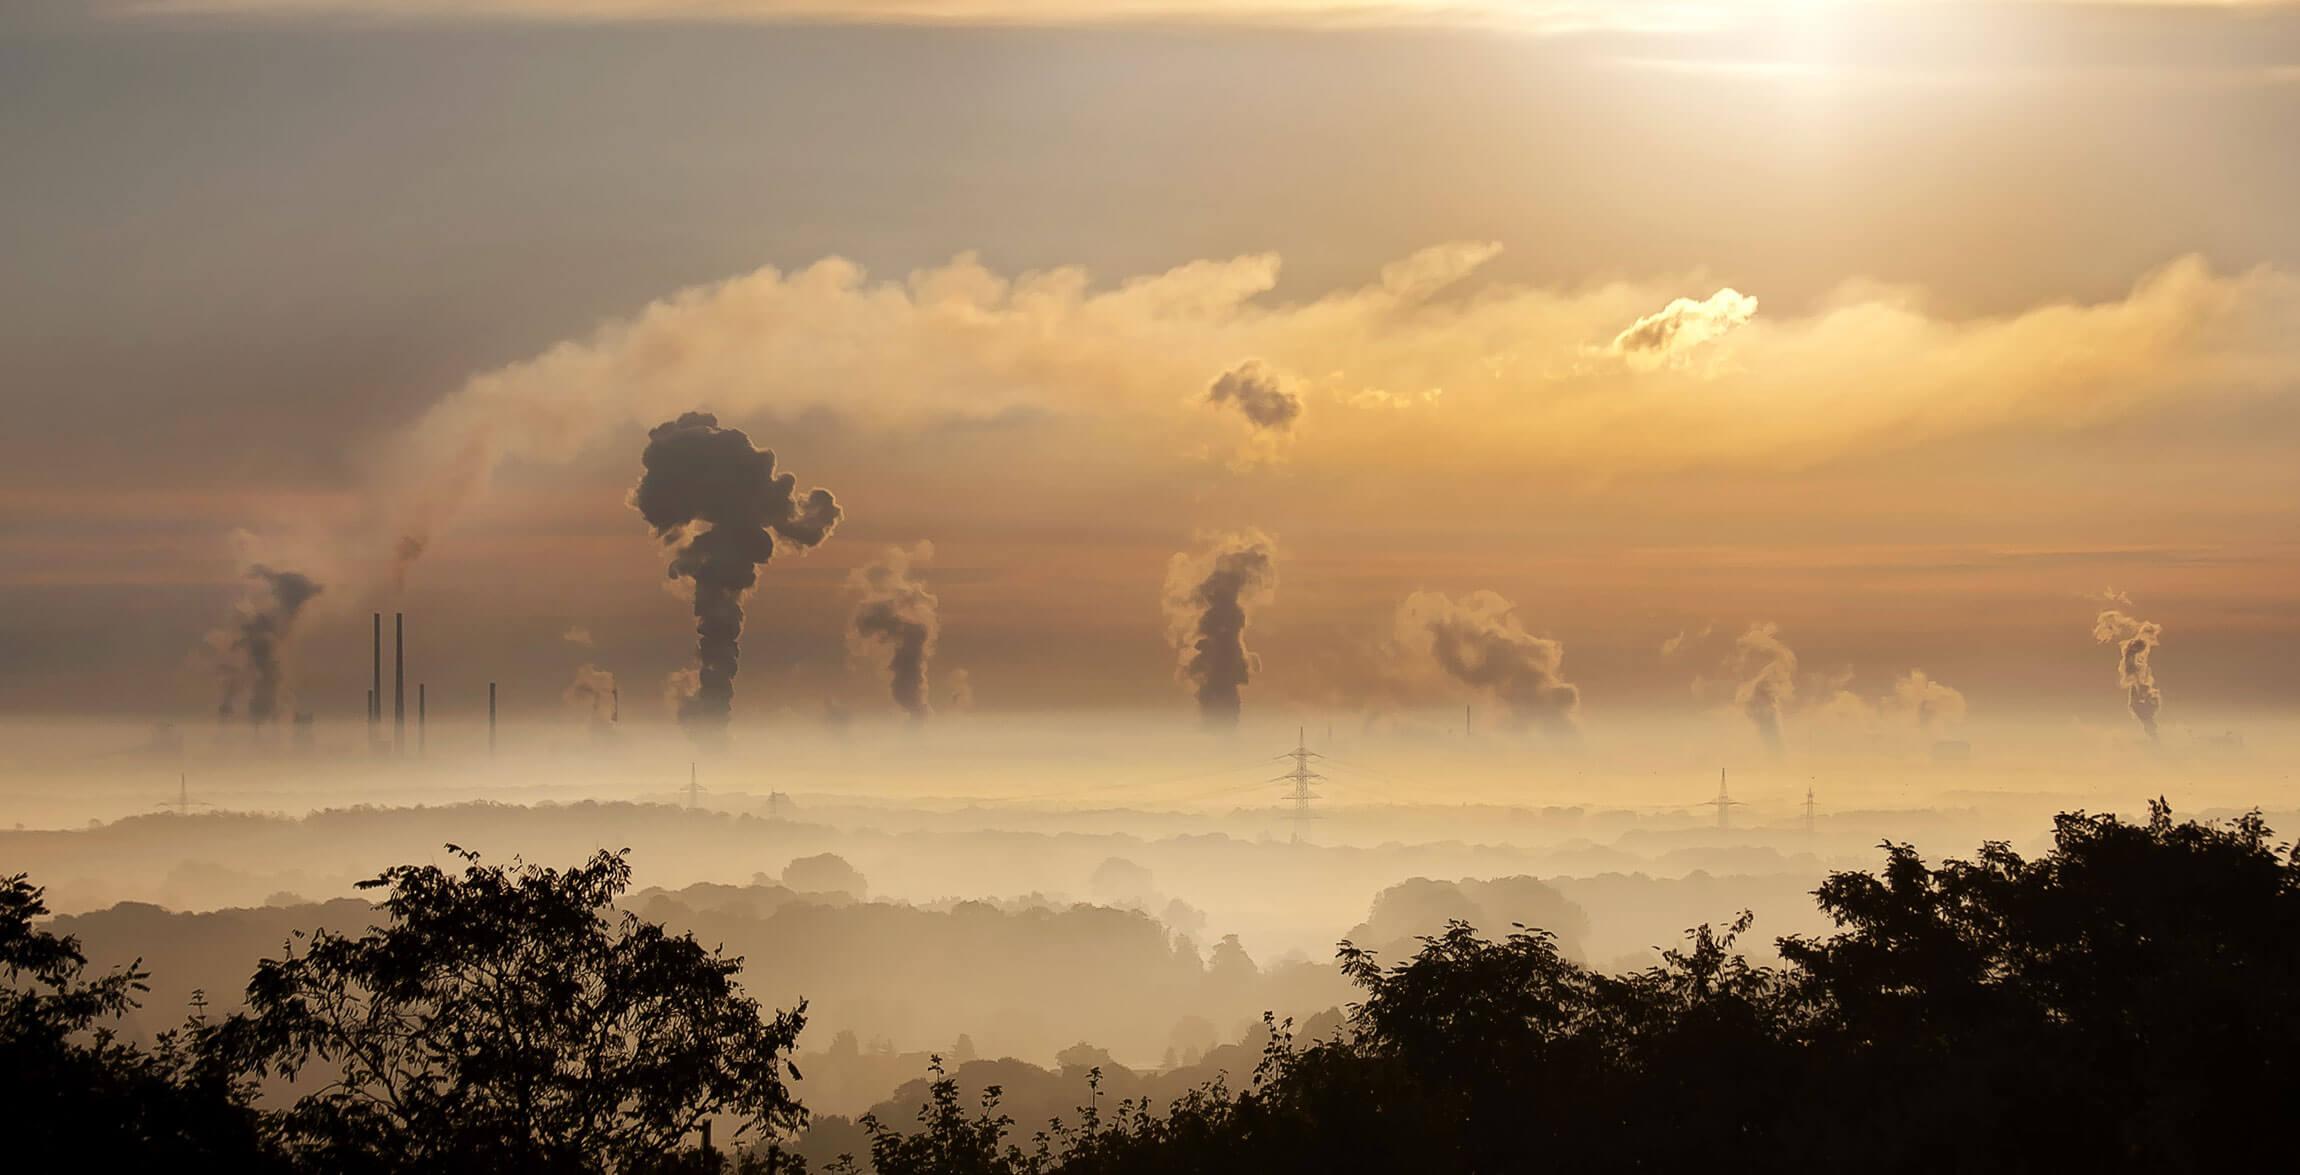 Kein schöner Anblick: Umweltschäden durch Textilindustrie